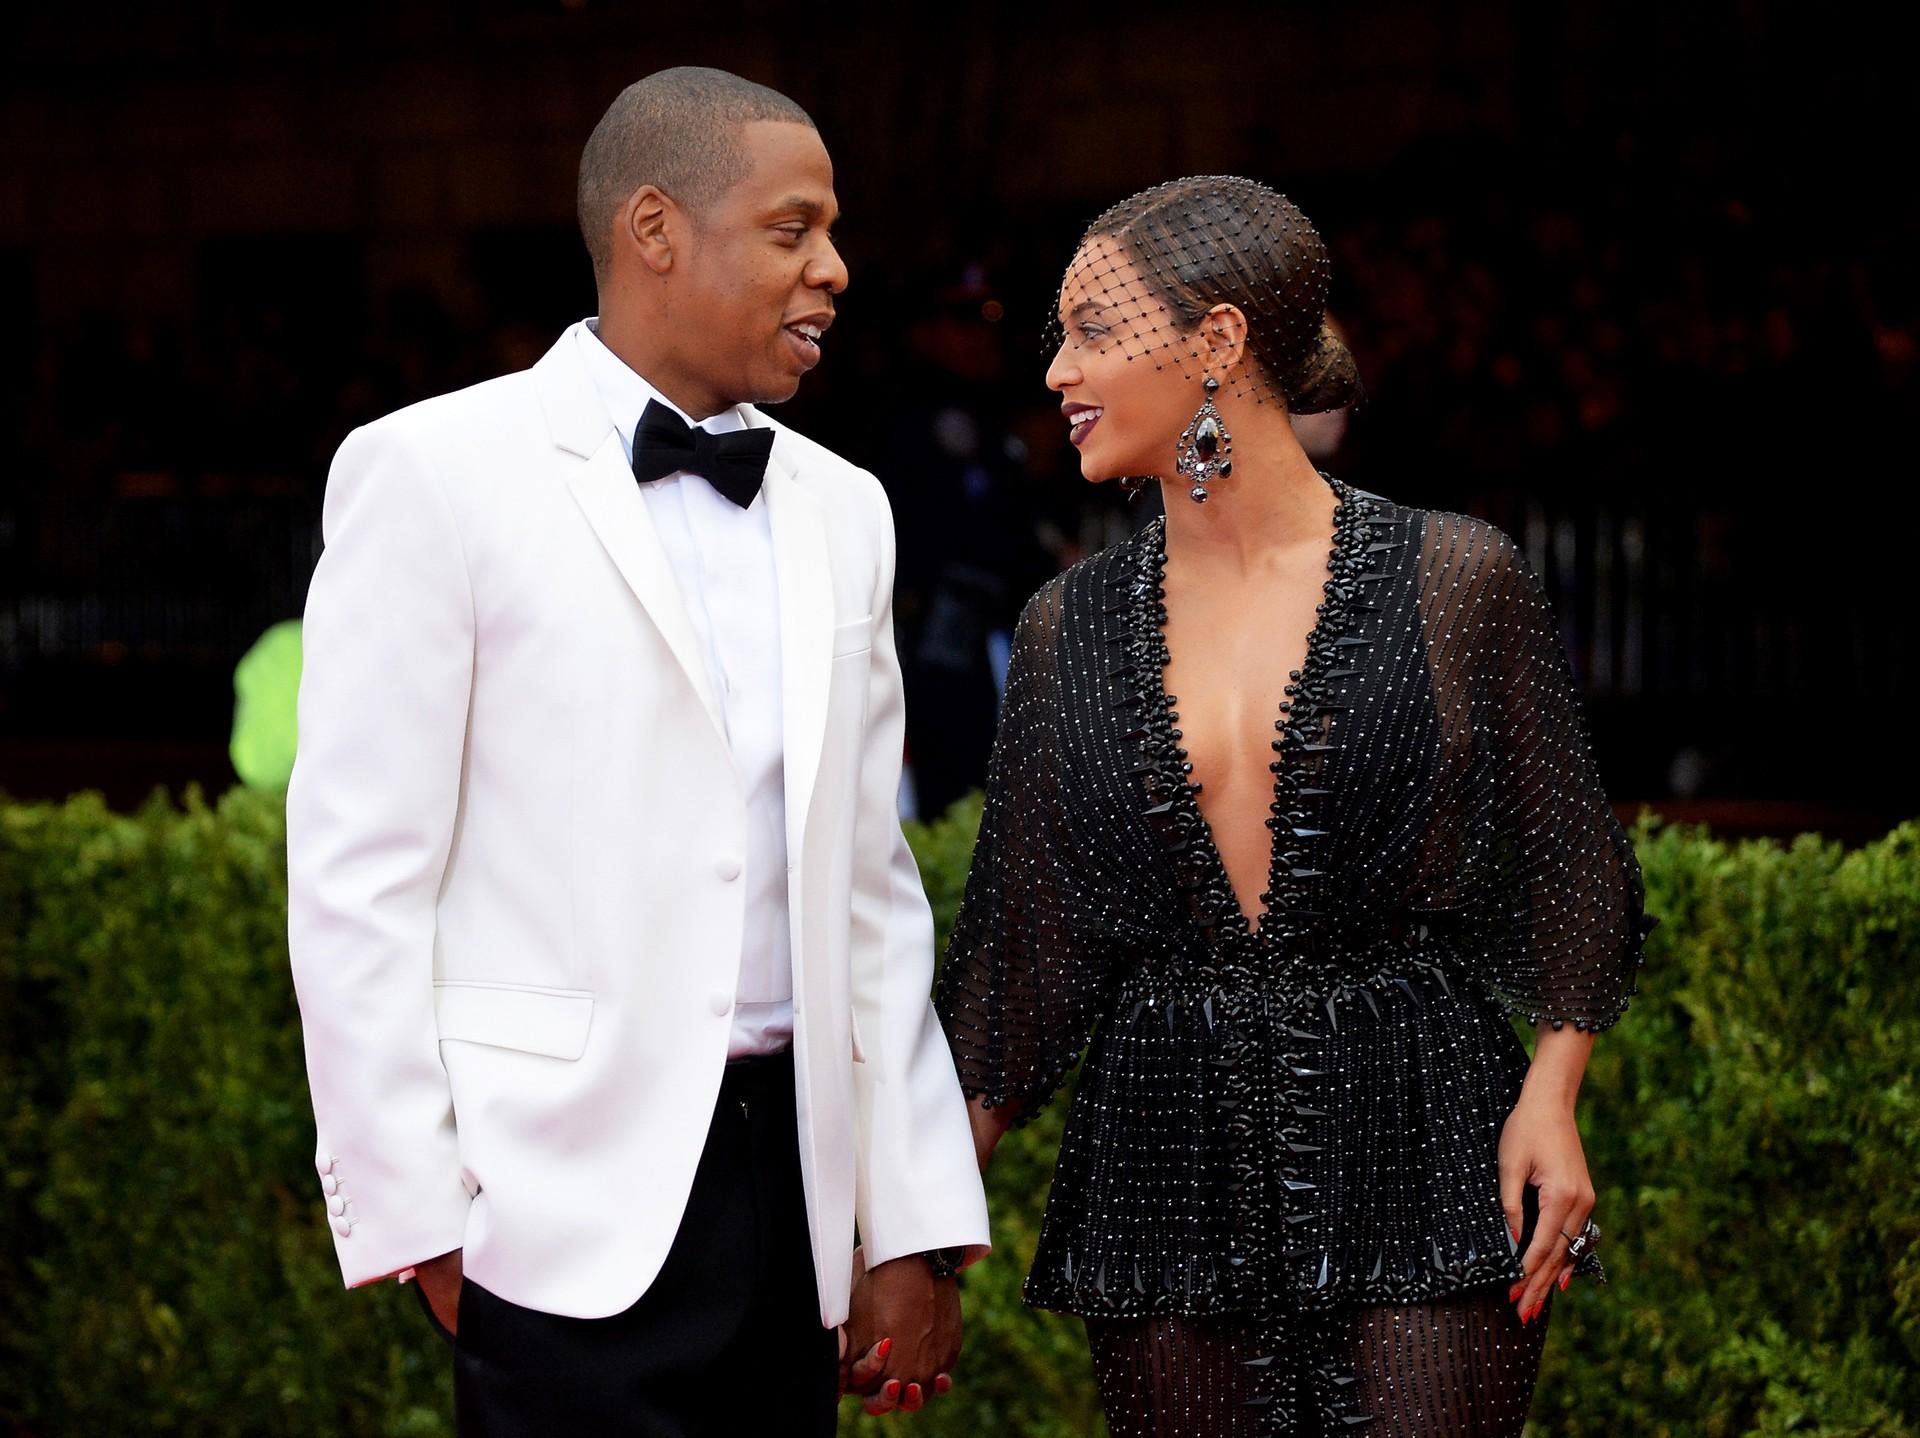 Os cantores se casaram secretamente em 4 de Abril de 2004, em uma cerimônia para 40 amigos e familiares próximos na extravagante mansão de Jay-Z, em Manhattan. (Foto: Getty Images)